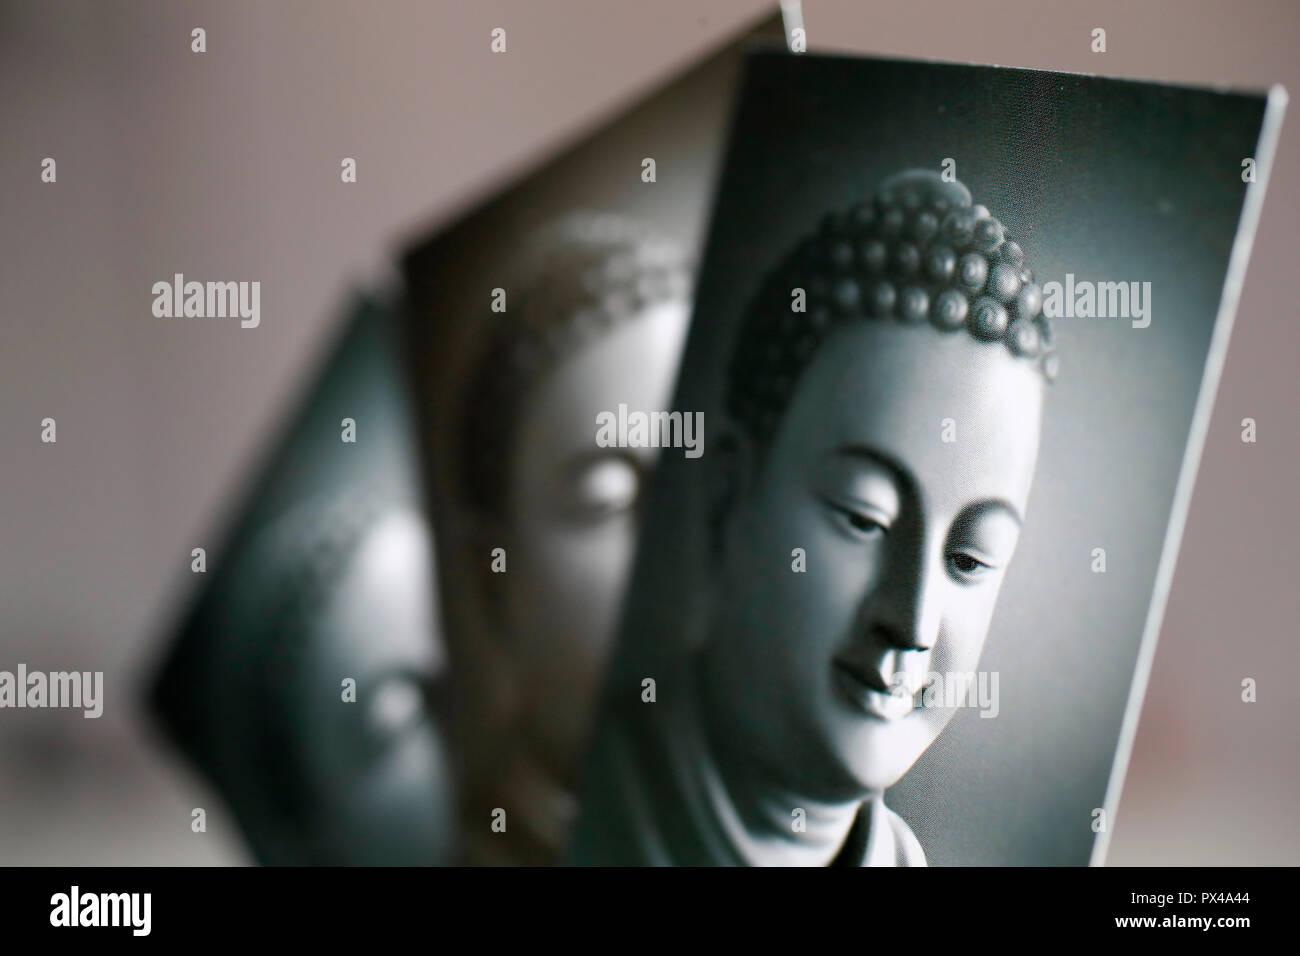 Drei schwarz-weiß Bilder des Buddha. Ho Chi Minh City. Vietnam. Stockbild